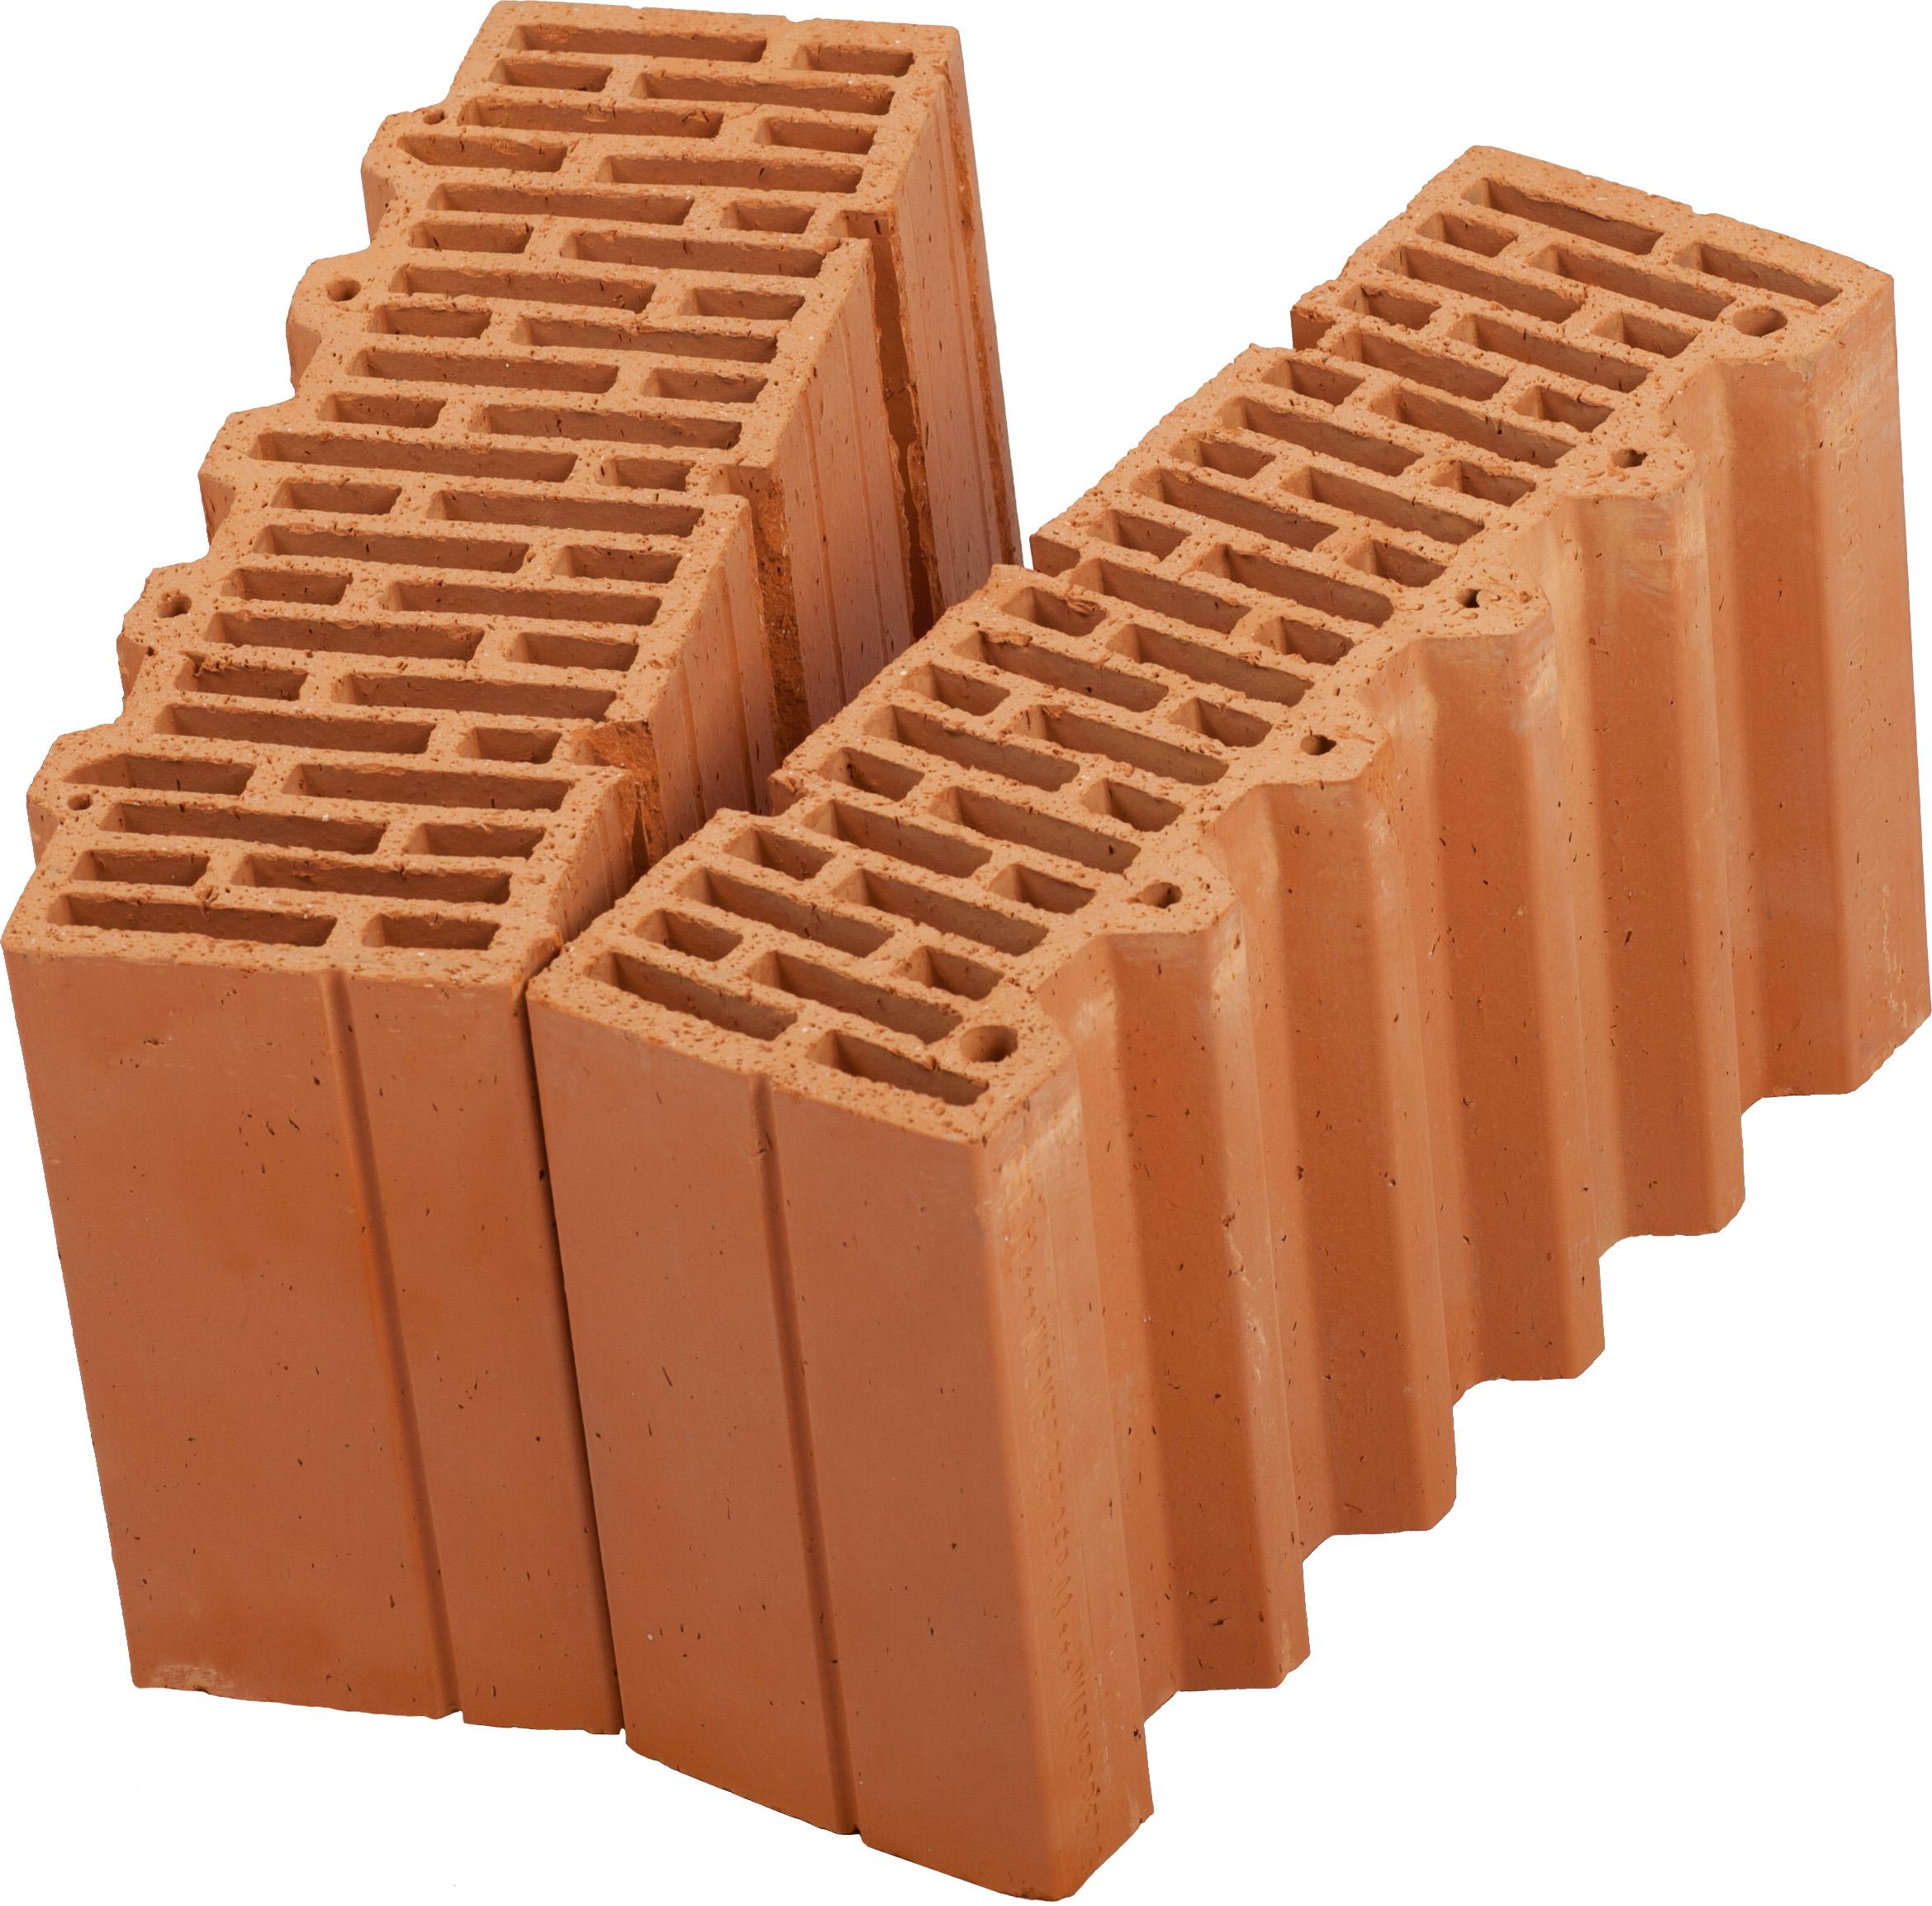 Керамический блок (камень) Porotherm 38-1/2 (PTH 38-1/2), поризованный (доборный элемент)